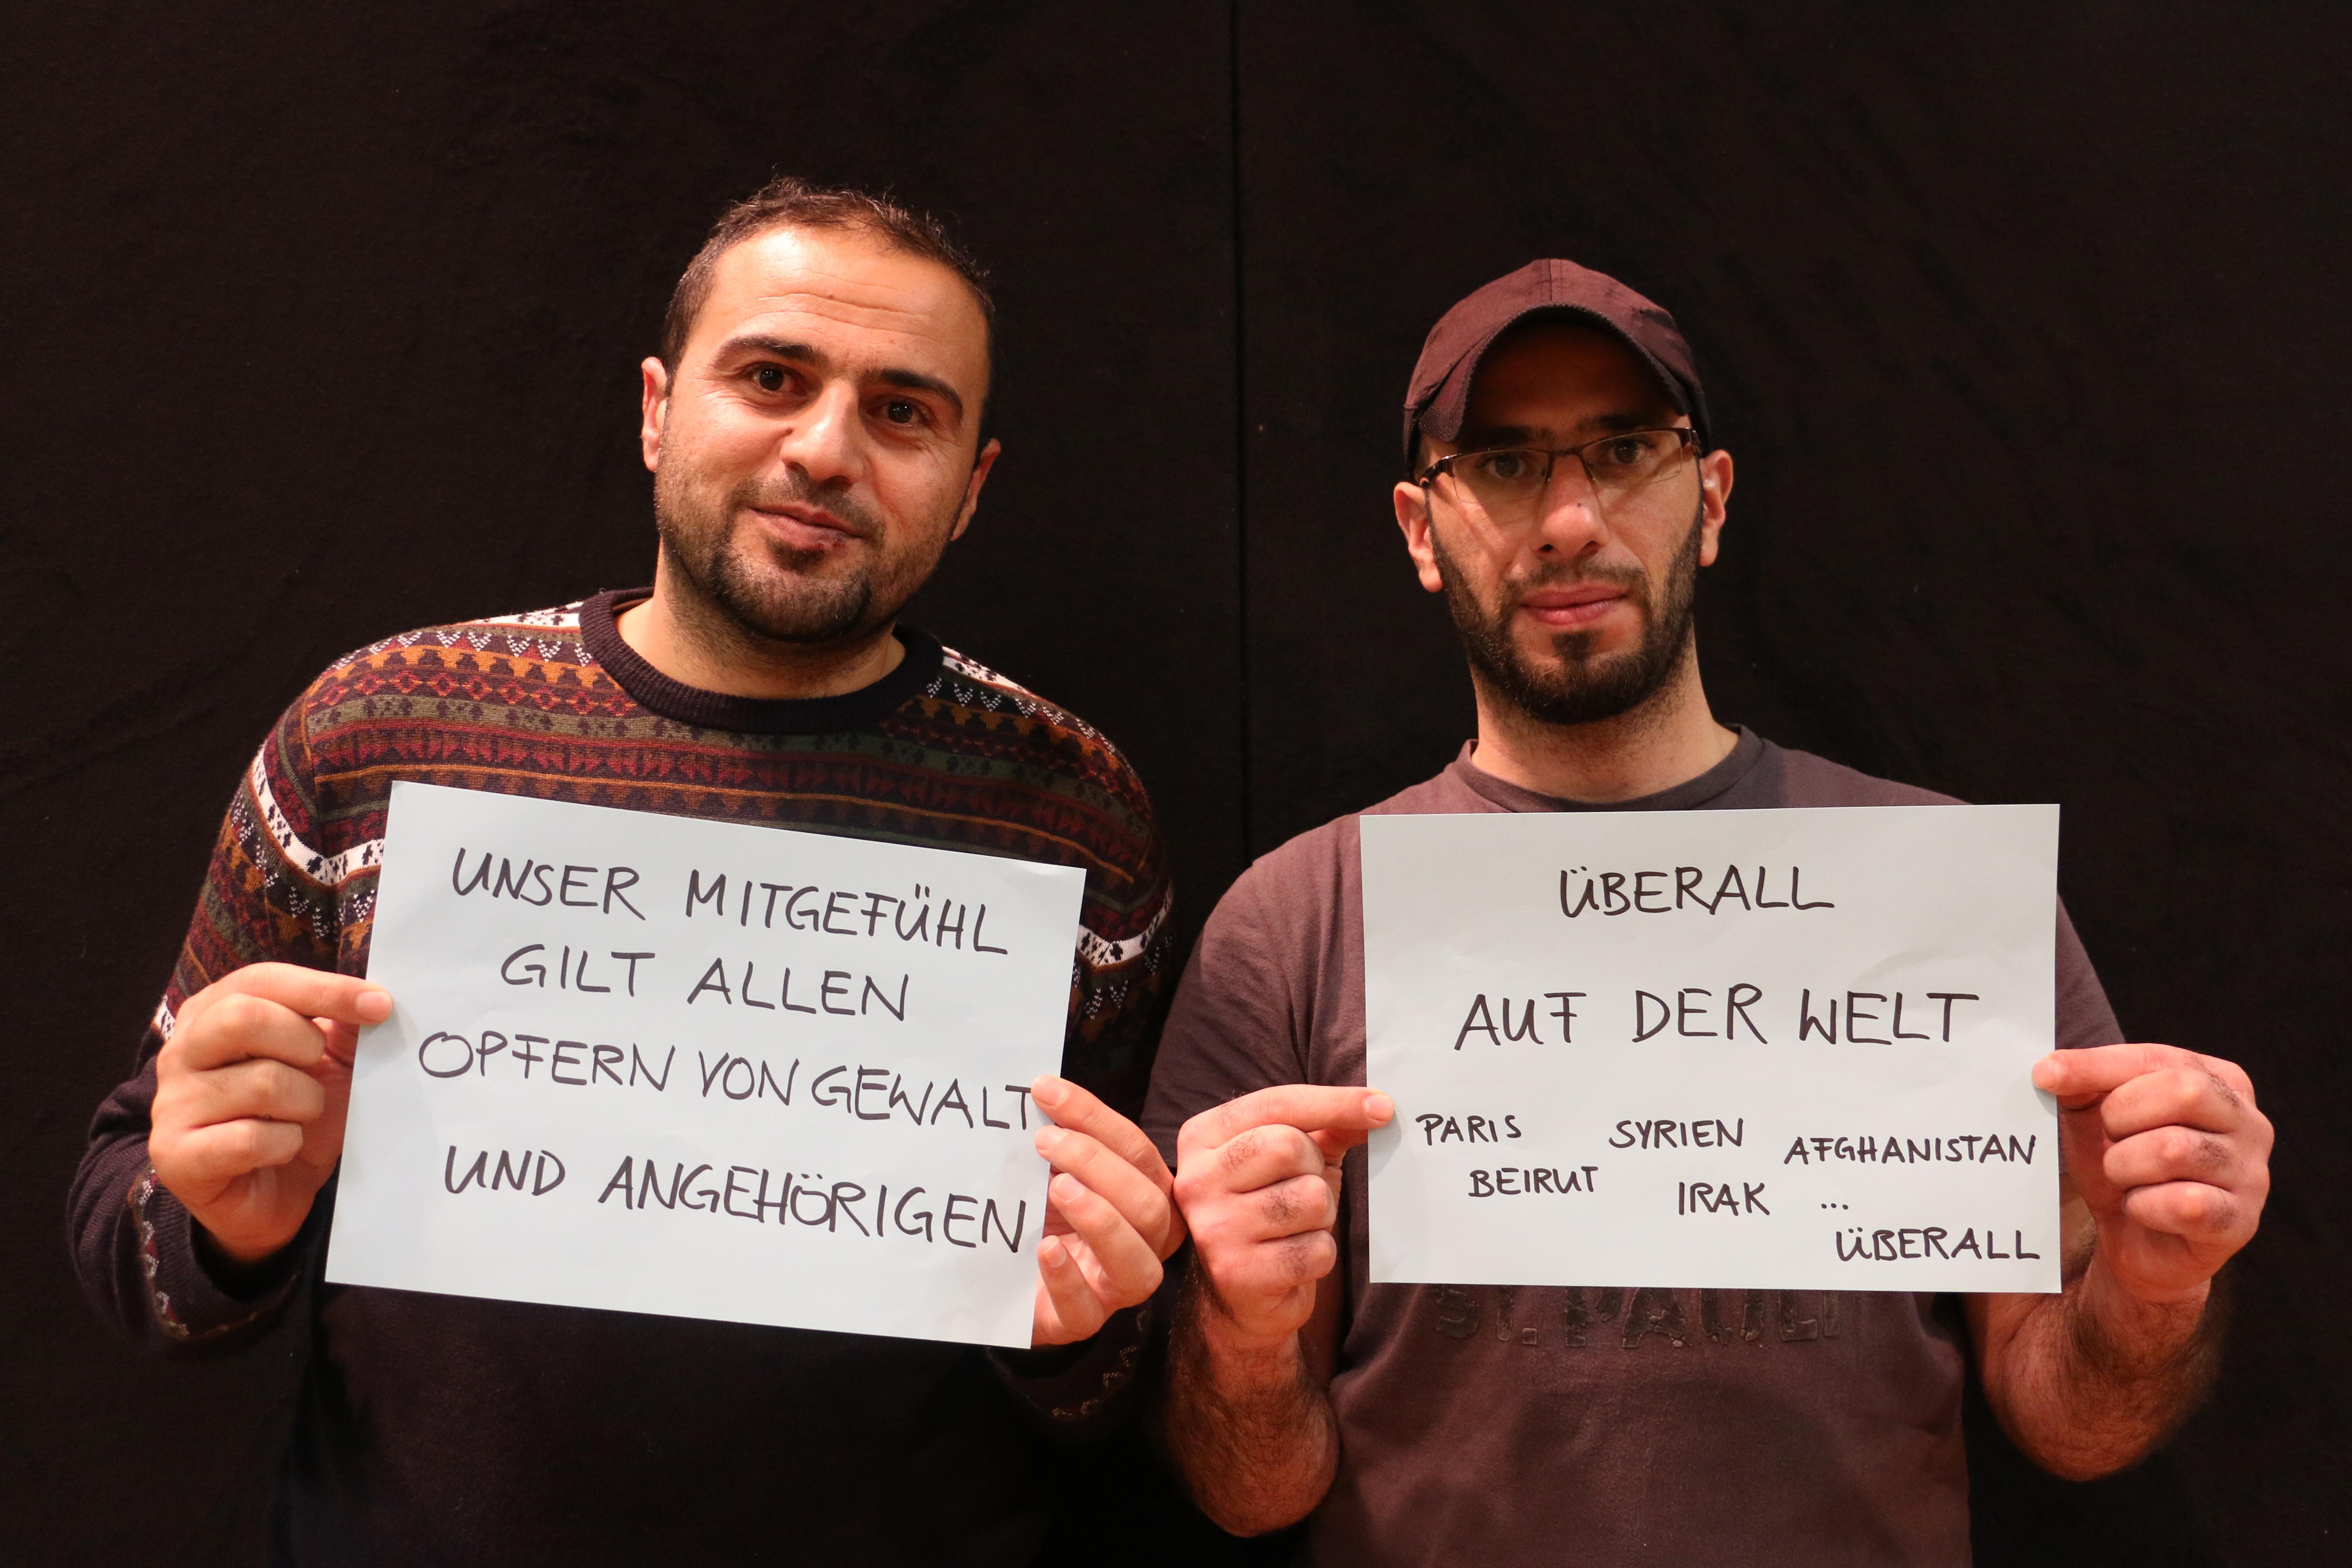 #refugeesforpeace